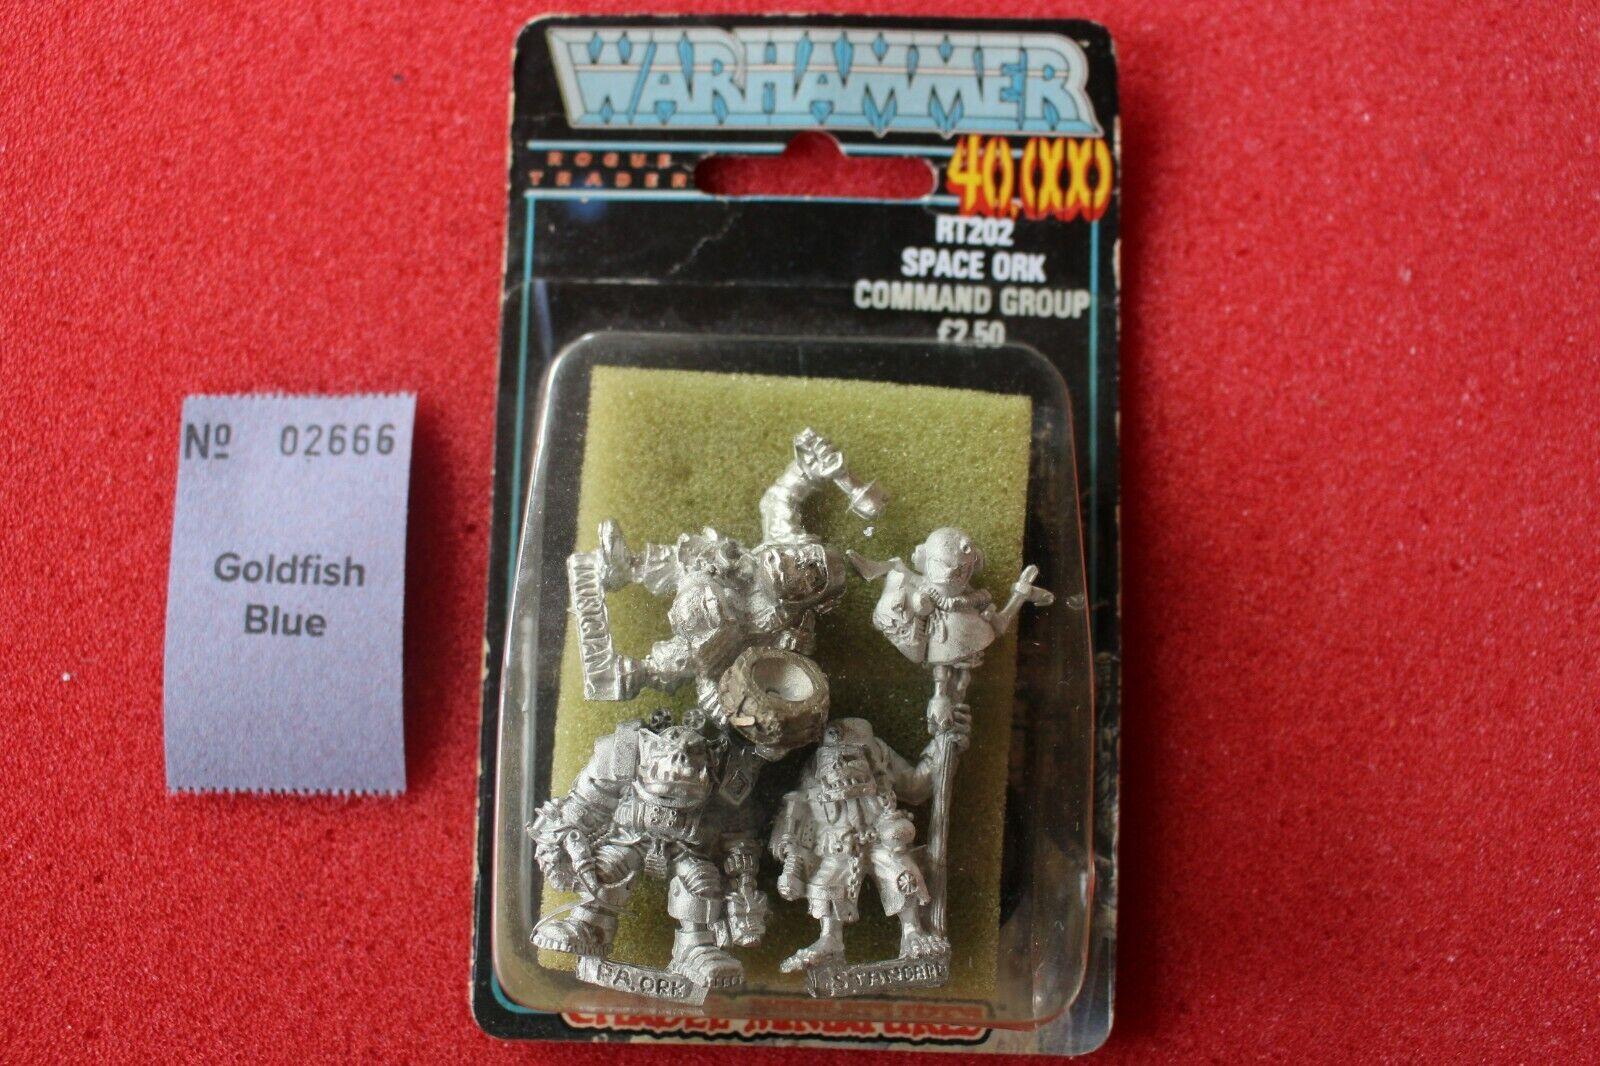 Juegos taller Warhammer 40k RT202 Space Ork orcos Rogue Trader nuevo comando Nuevo Y En Caja